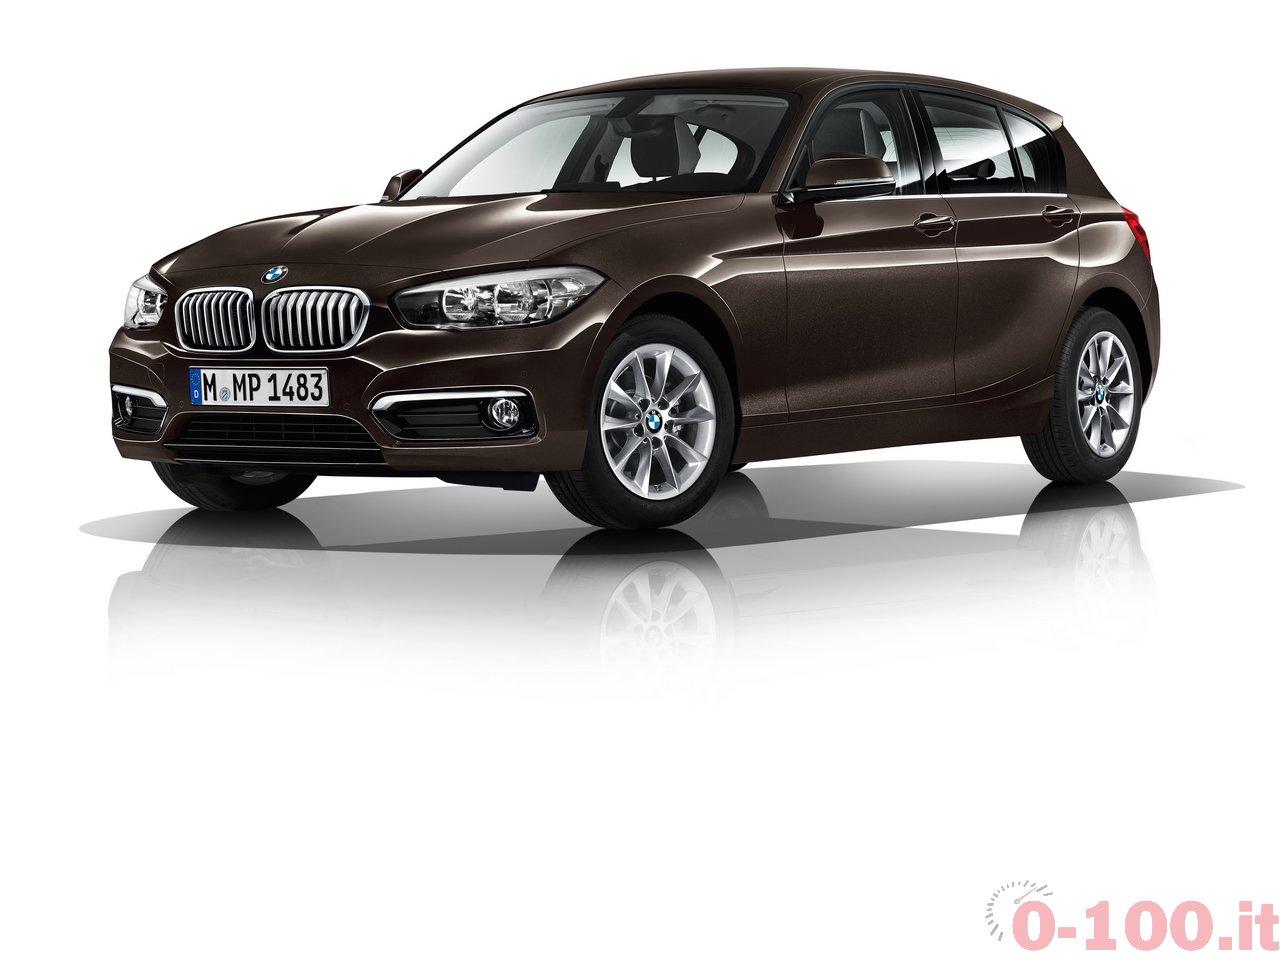 BMW-serie-1-2015_116d-118d-120d-125d-116i-118i-120i-125i-135i-0-100_47